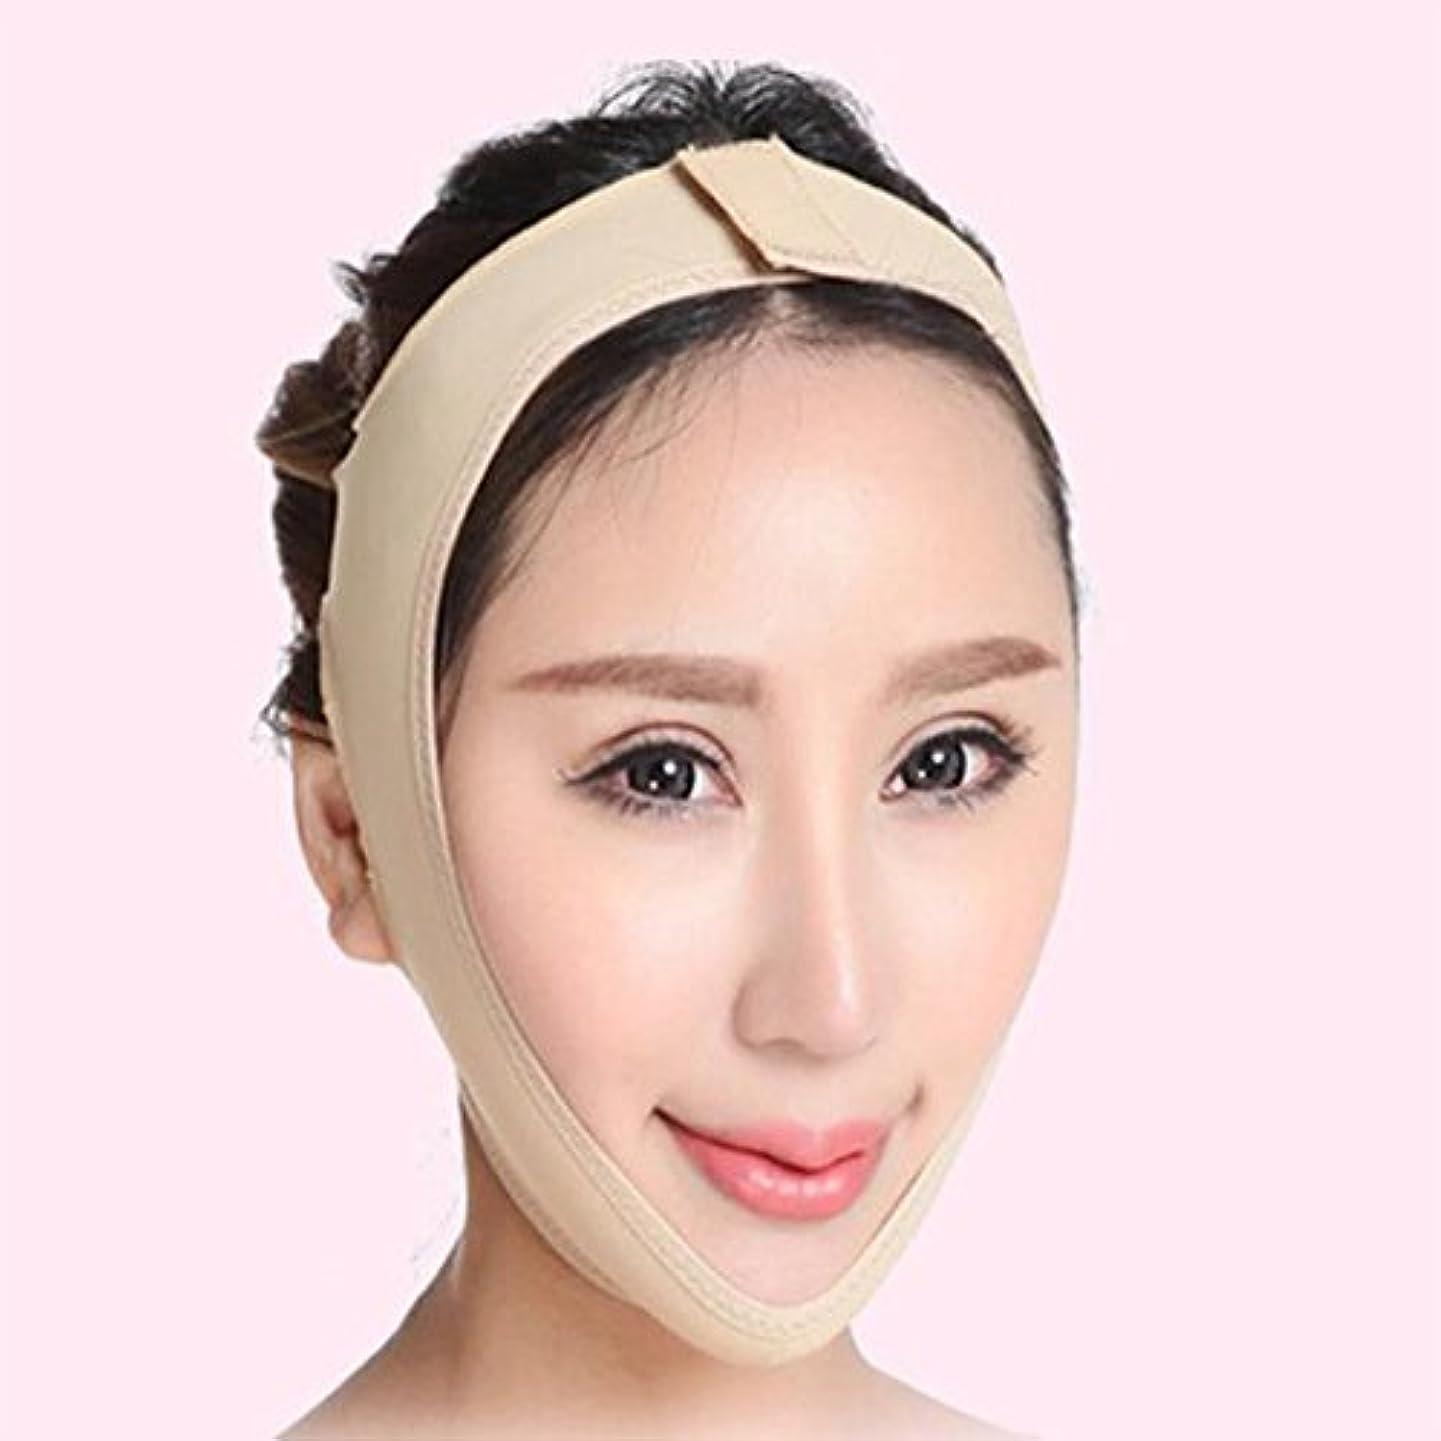 リスキーな気味の悪い洋服SD 小顔 小顔マスク リフトアップ マスク フェイスライン 矯正 あご シャープ メンズ レディース Lサイズ AZD15003-L